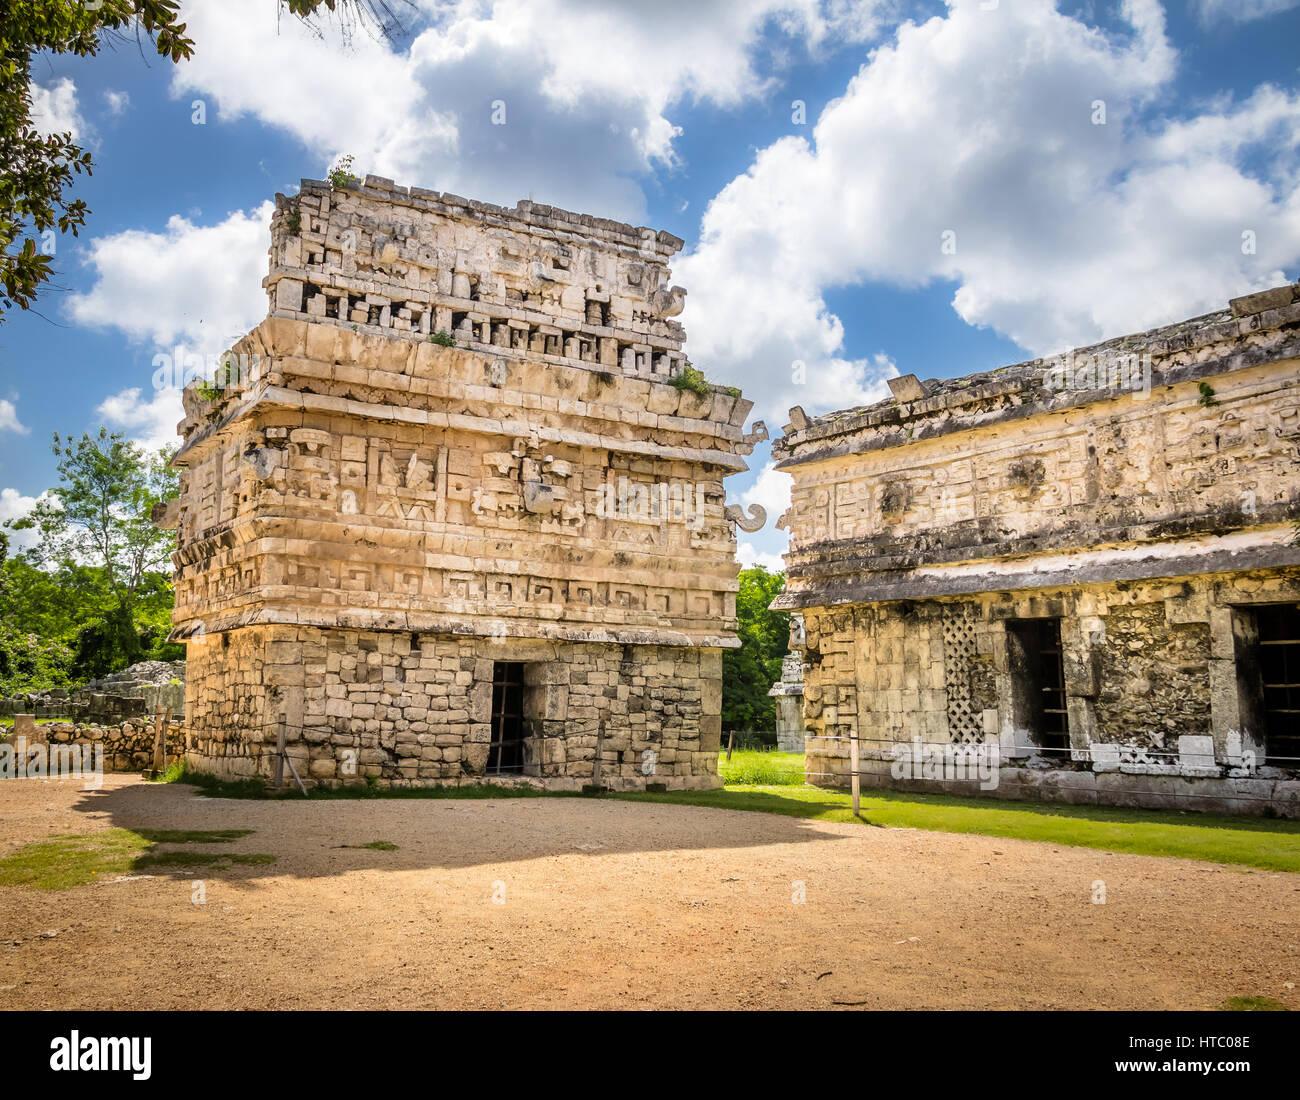 Edificio de la Iglesia en Chichen Itza, Yucatán, México. Imagen De Stock